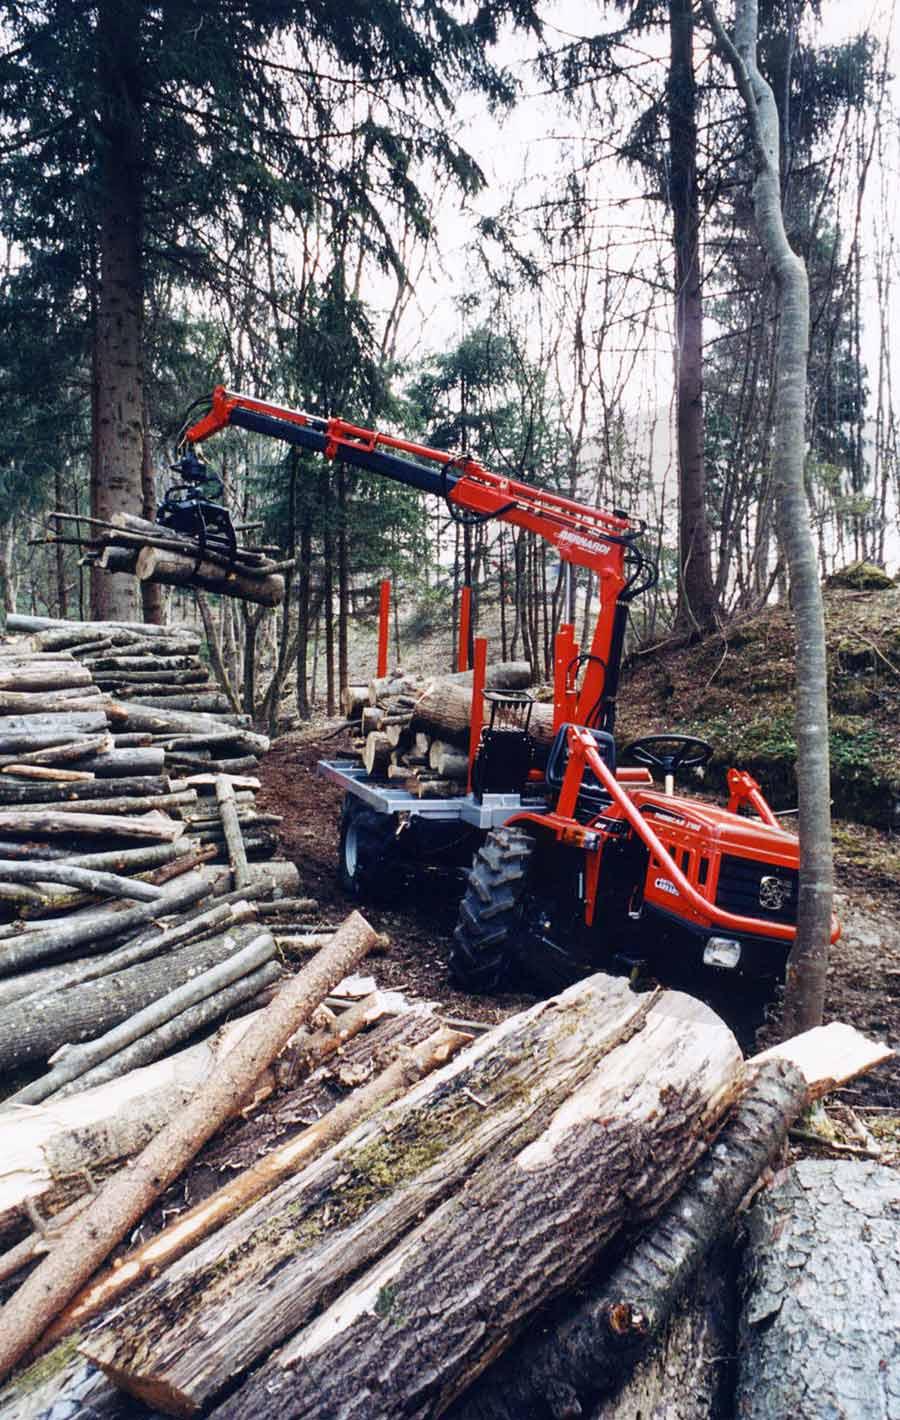 legno macchina forestale